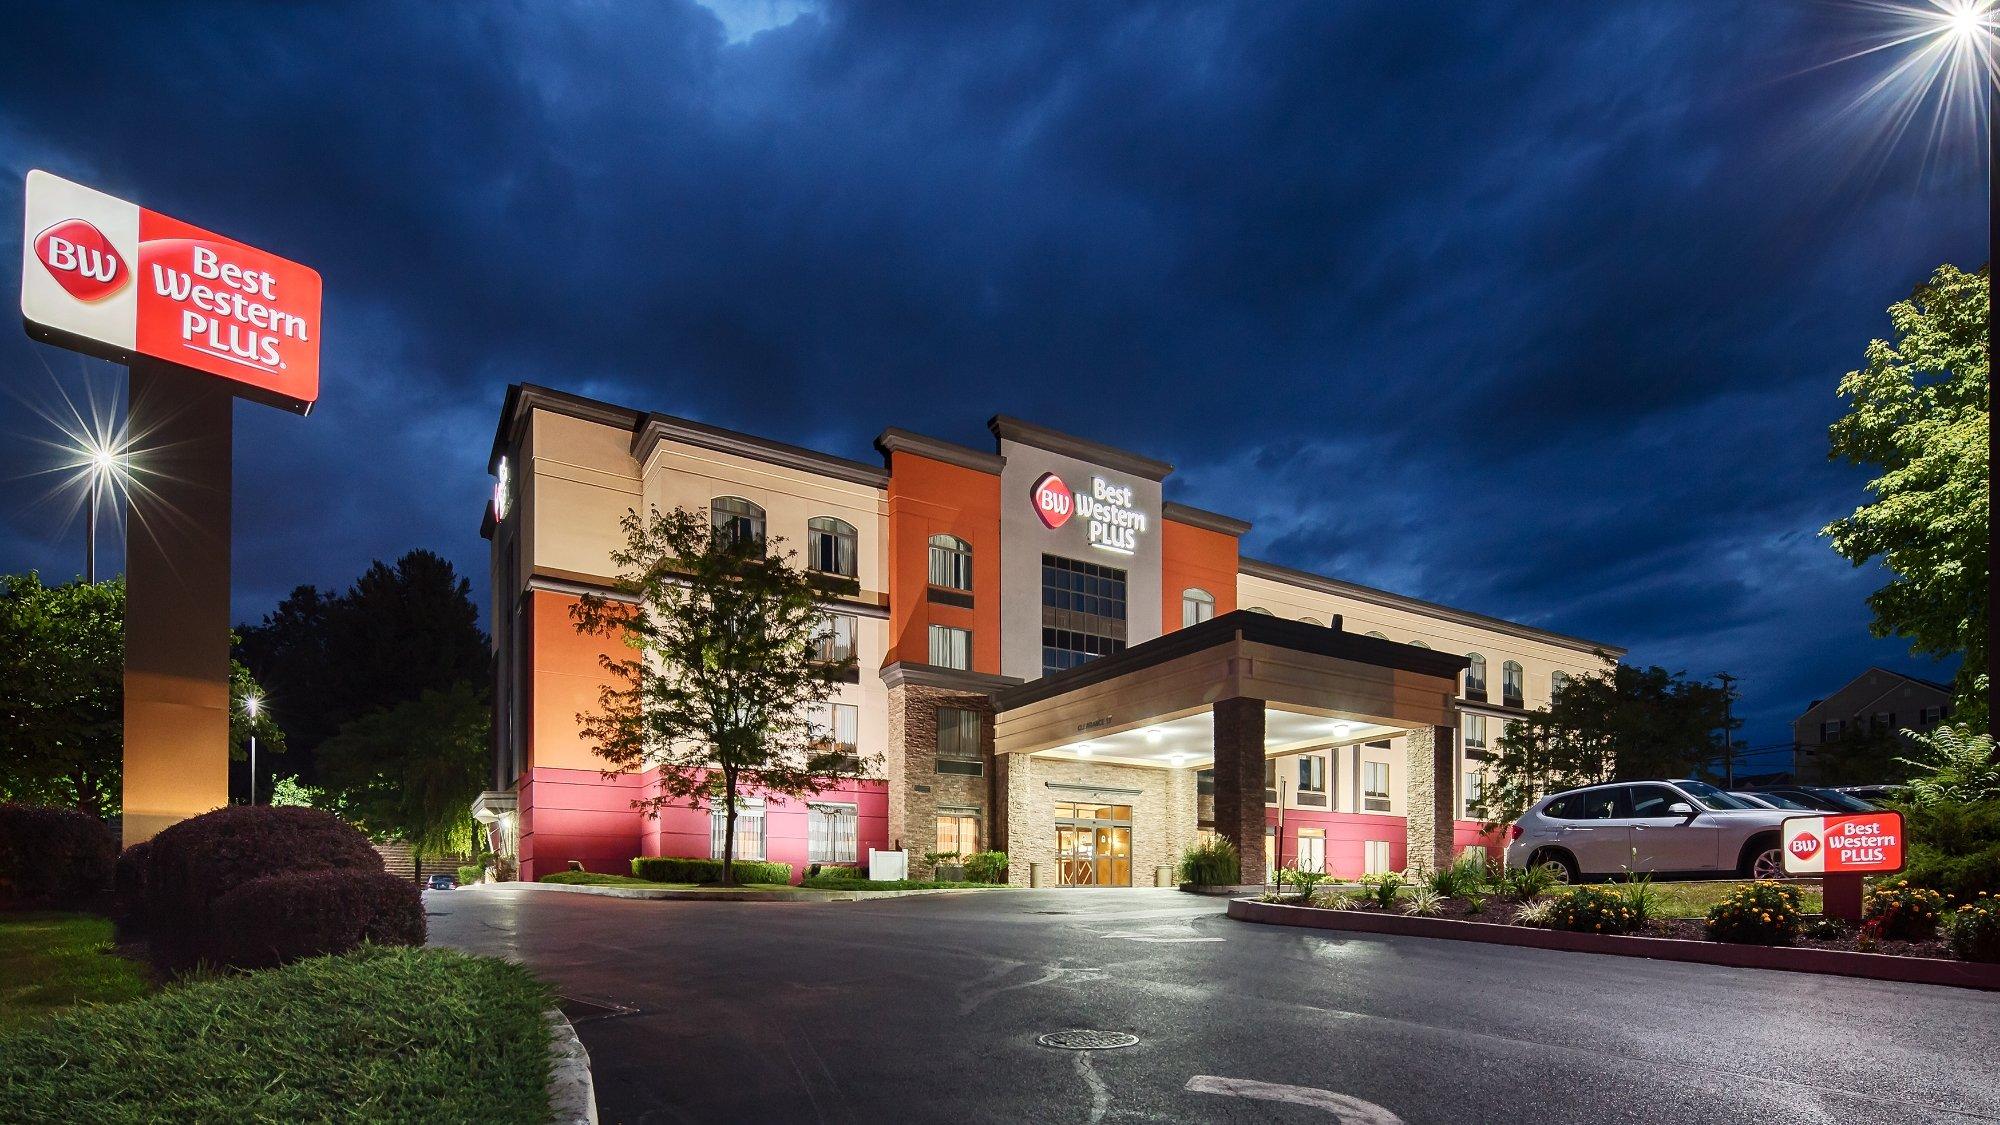 Best Western Plus Harrisburg East Inn & Suites: 71 fotos comparação  #A63425 2000 1125